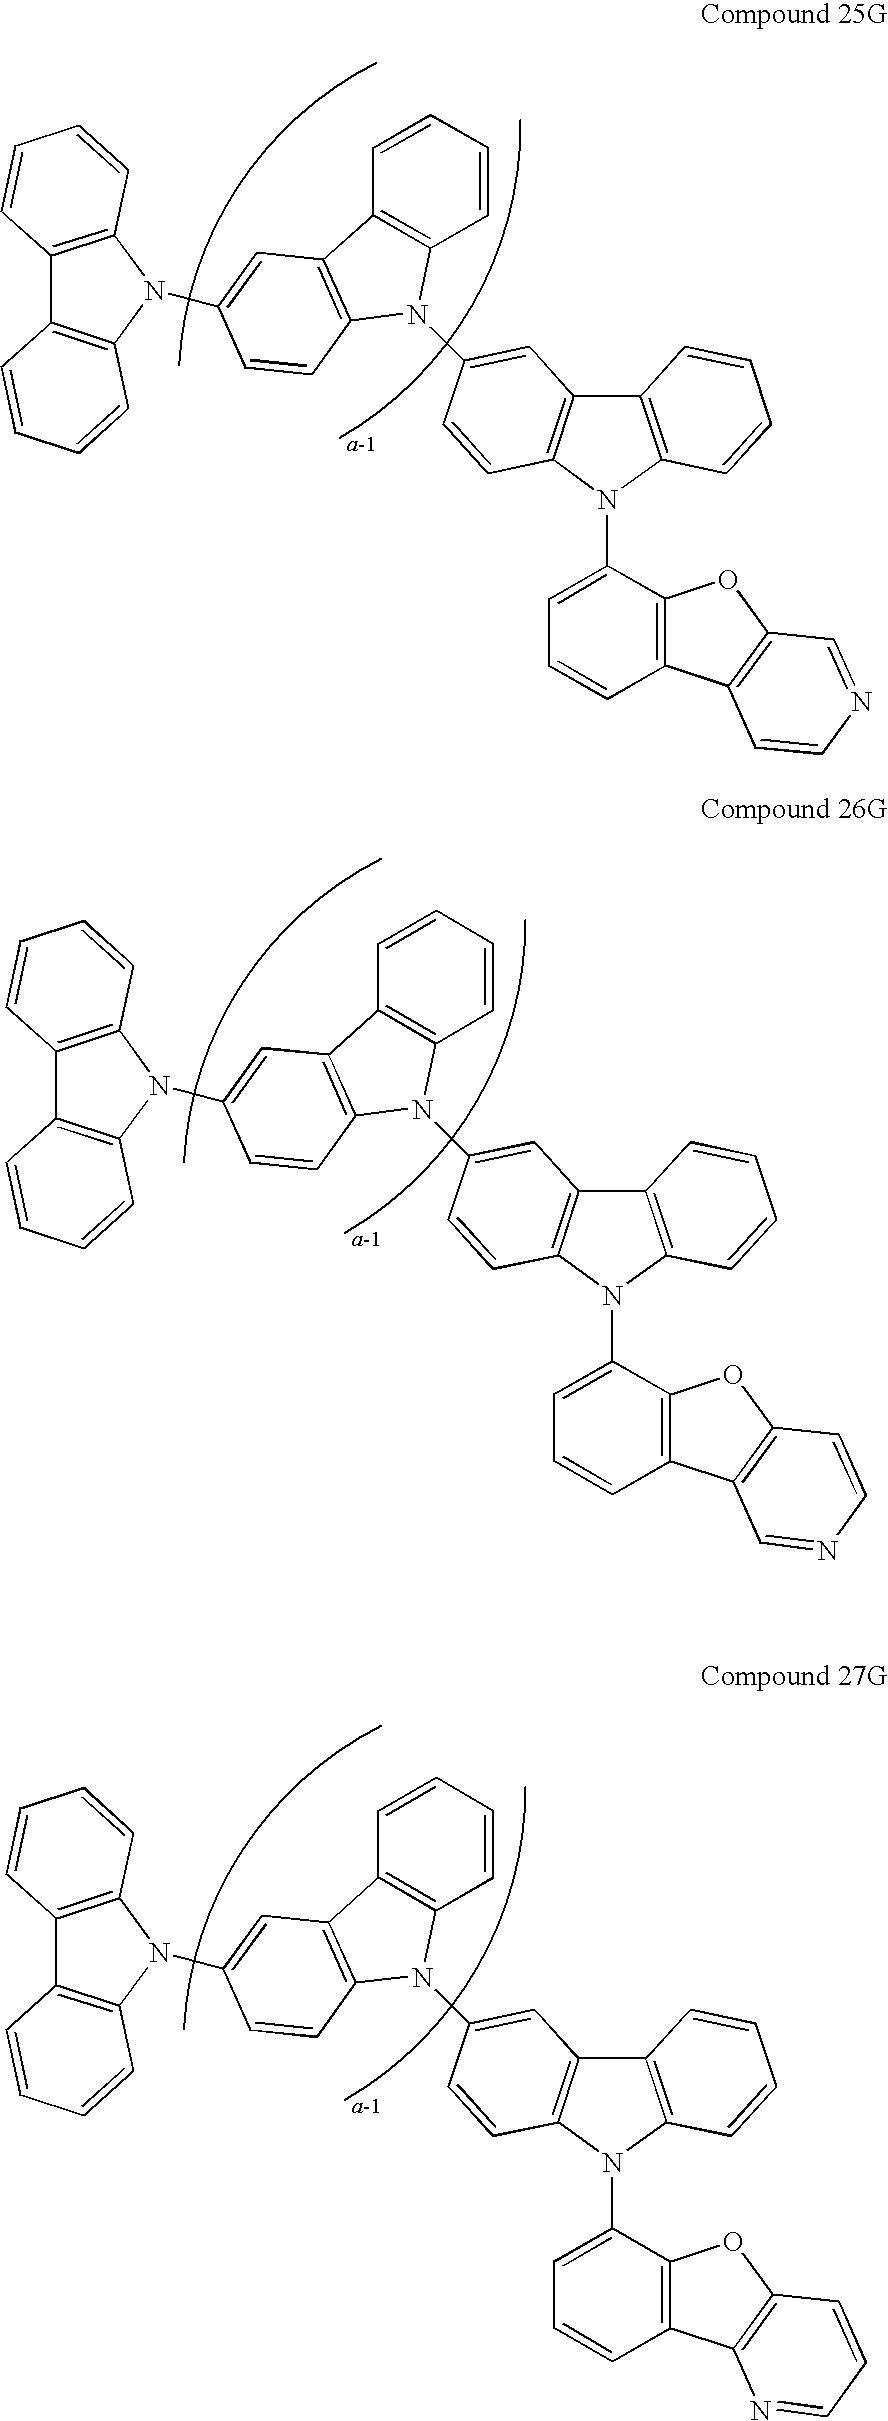 Figure US20090134784A1-20090528-C00152